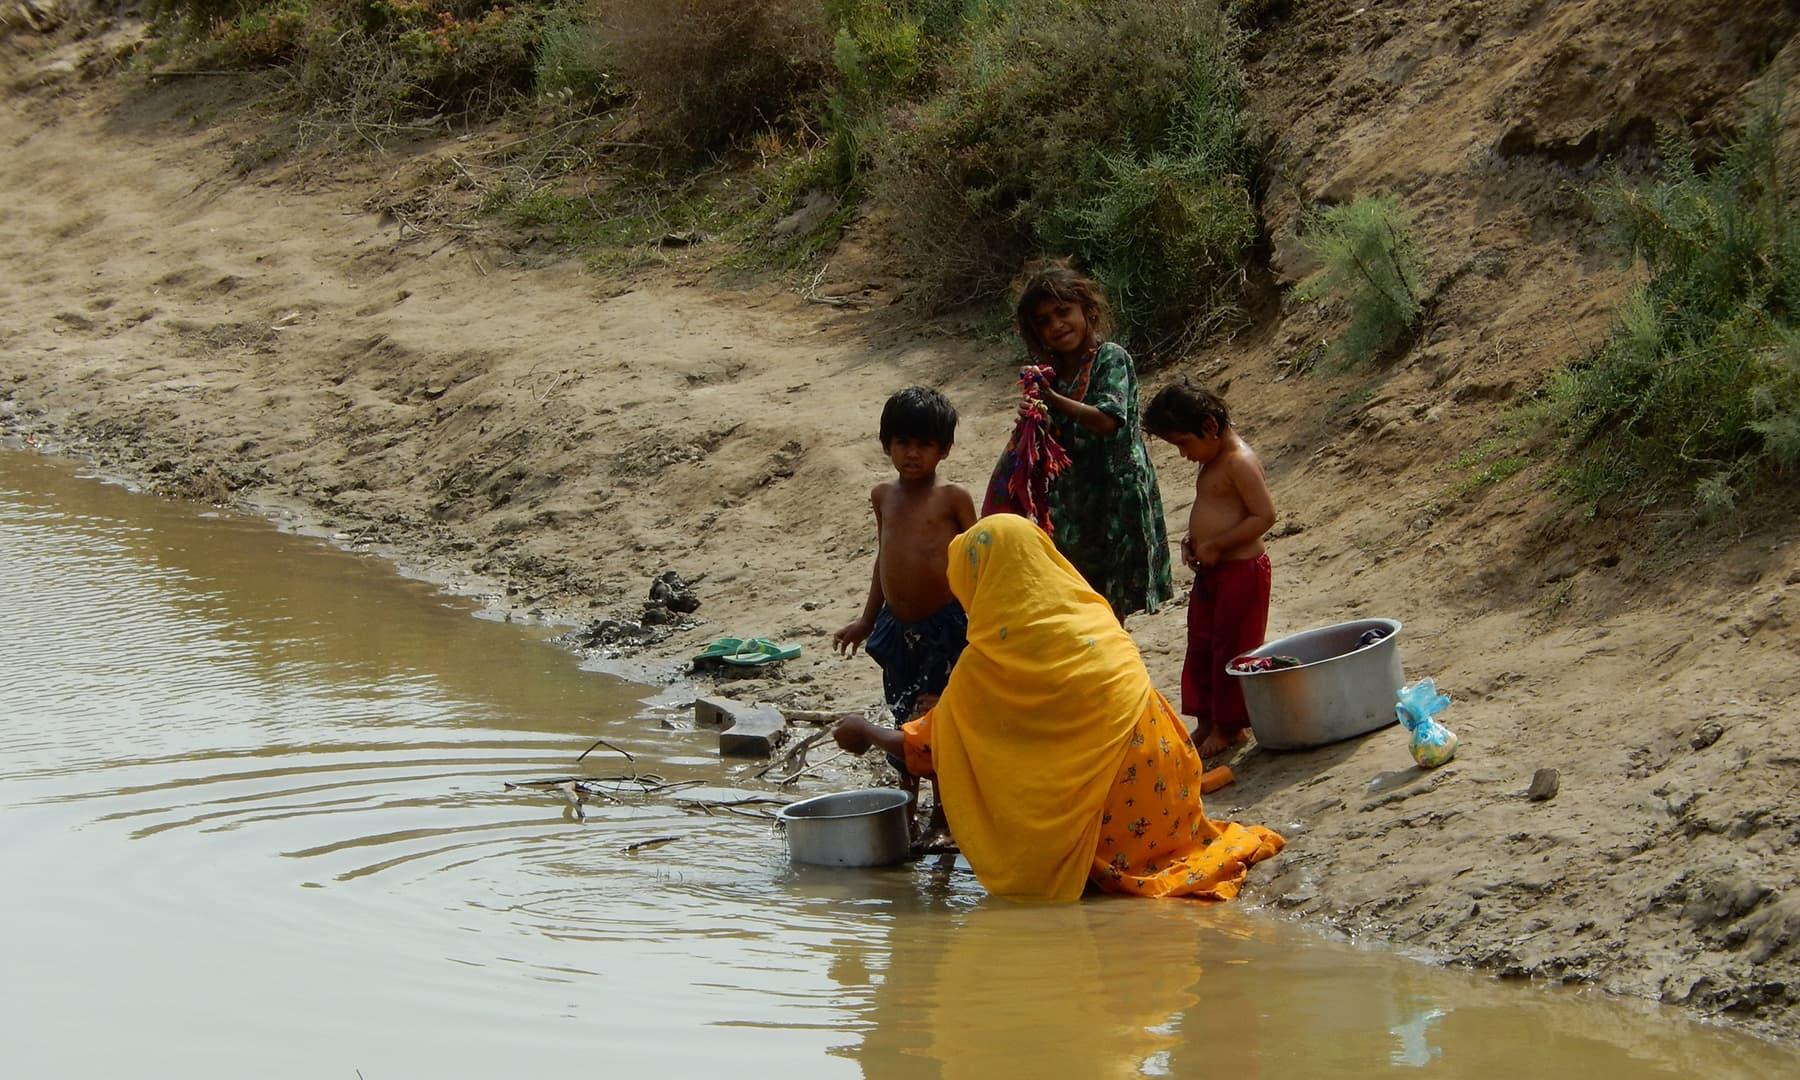 جاتی کے گاؤں میں بچے پینے کا پانی بھرنے آئے ہیں—تصویر ابوبکر شیخ